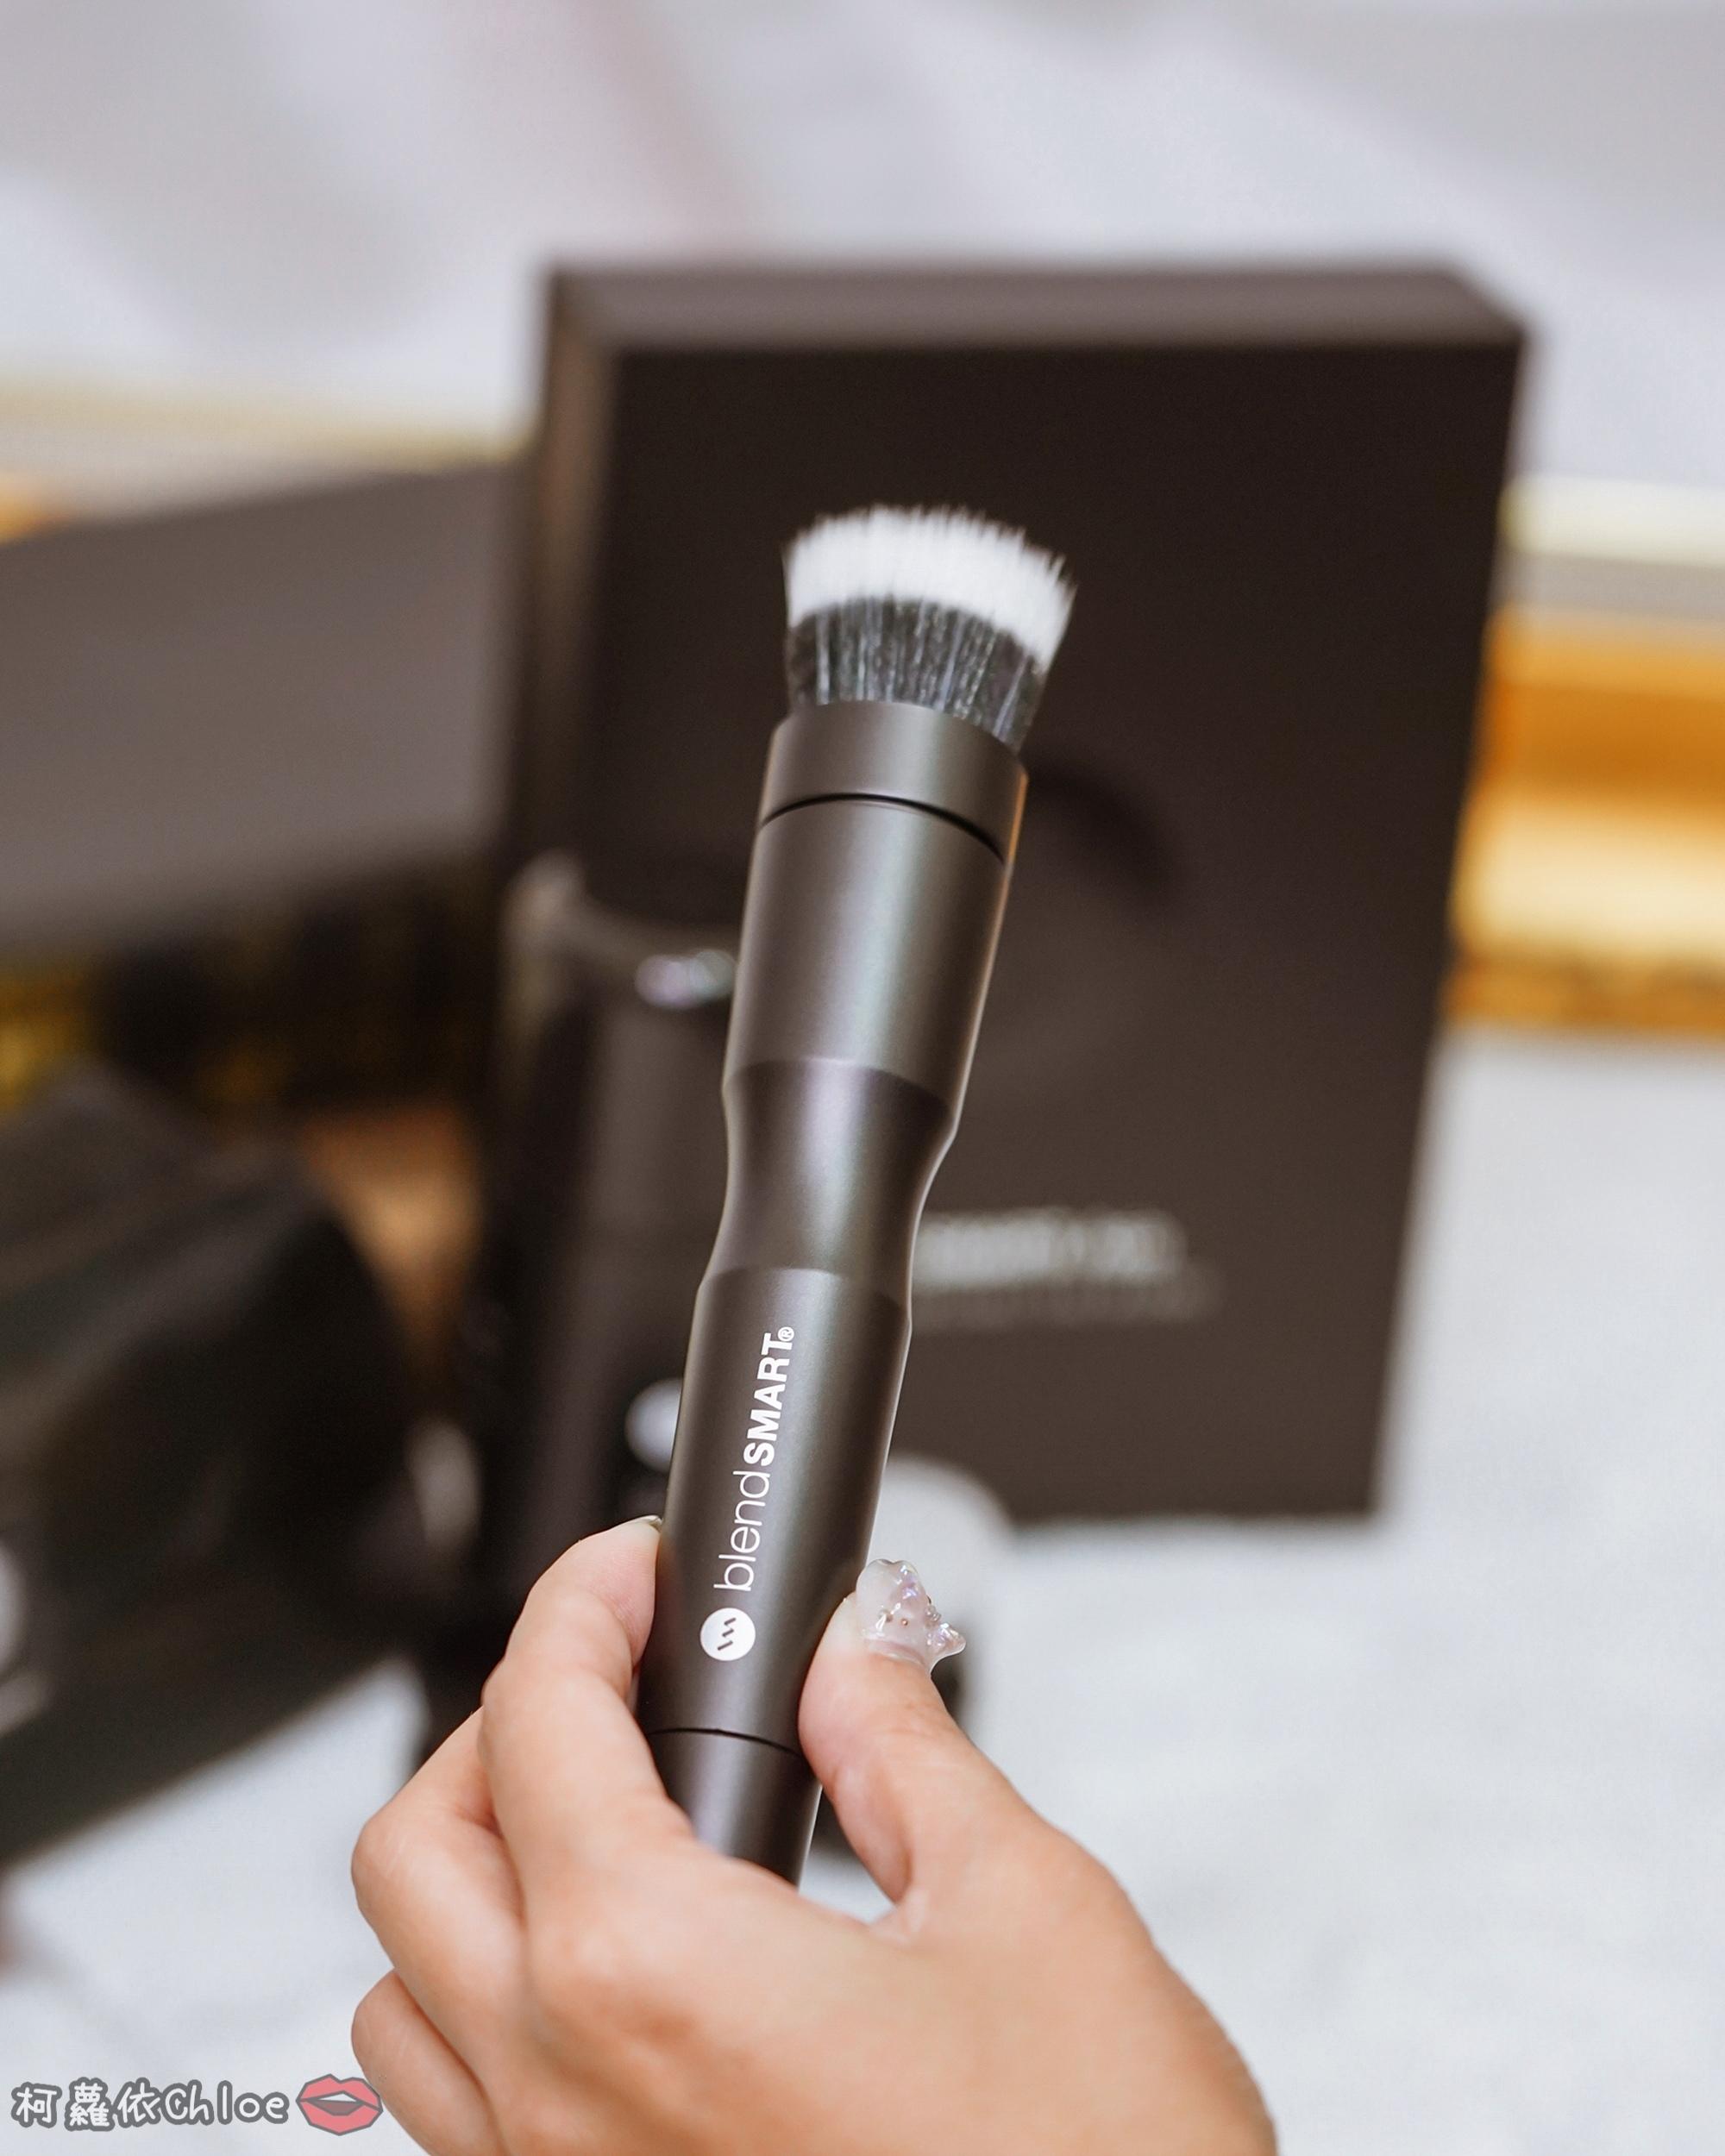 彩妝工具推薦 blendSMART電動化妝刷 達人套裝開箱 上妝輕柔更有效率11.jpg